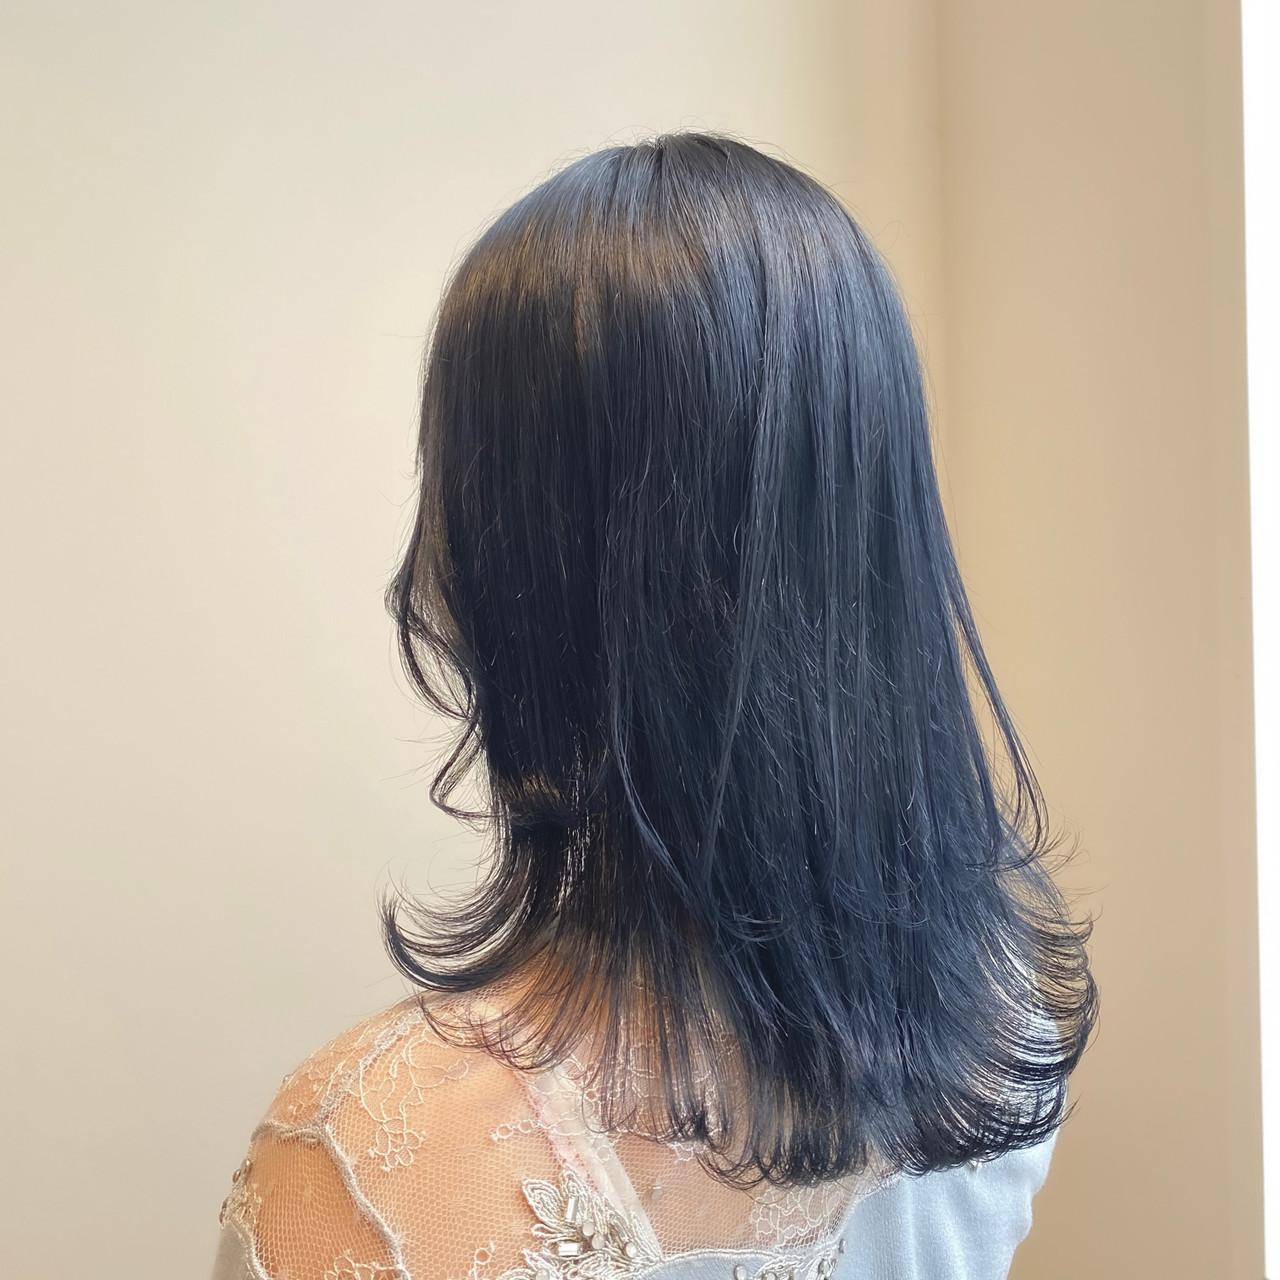 ブルーバイオレット ブルーラベンダー ブルージュ ネイビーブルー ヘアスタイルや髪型の写真・画像